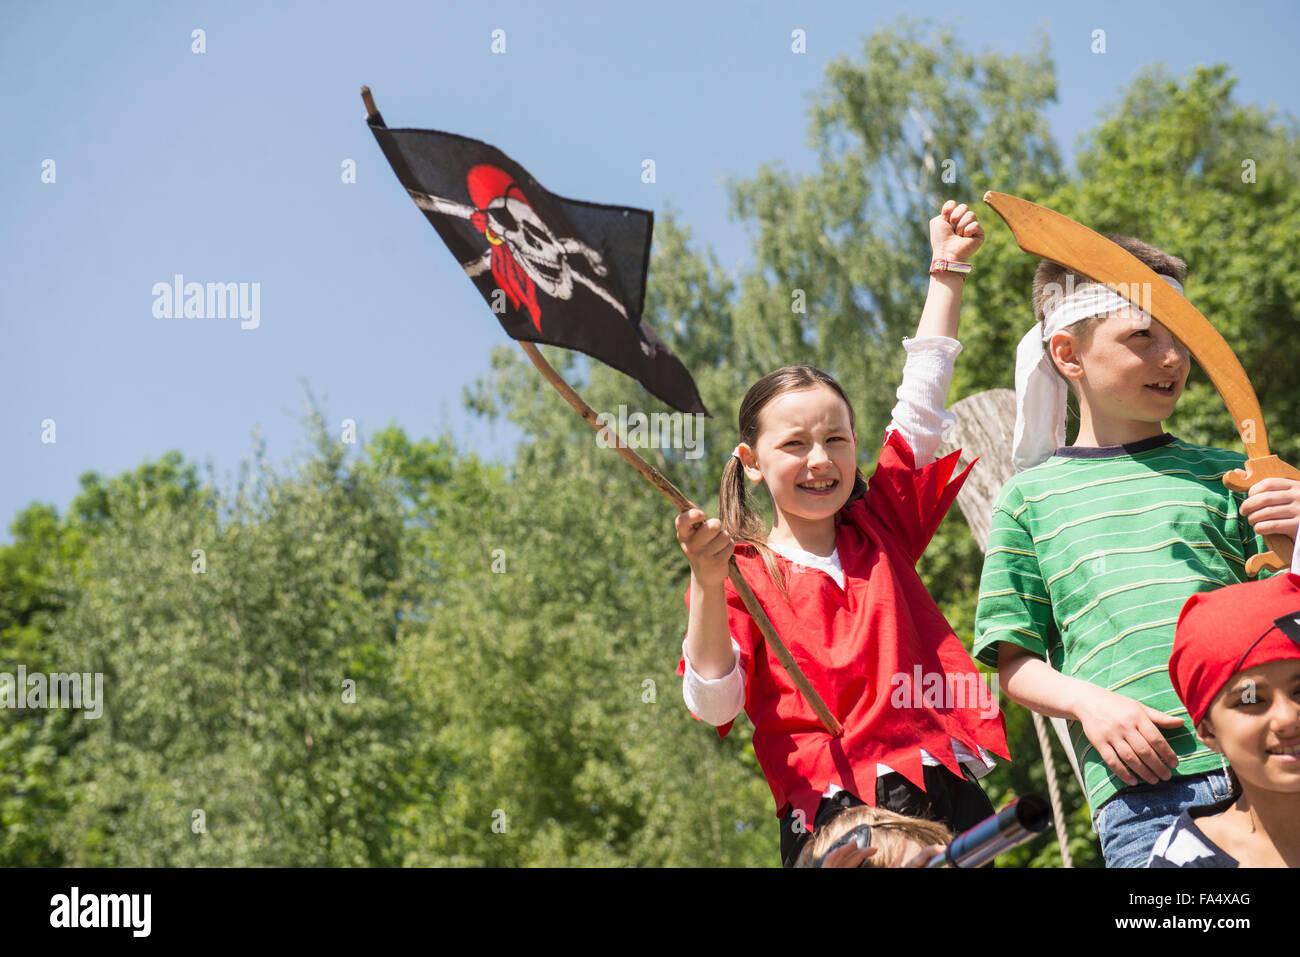 Ragazza con bandiera pirata con i suoi amici nel parco giochi avventura, Baviera, Germania Immagini Stock